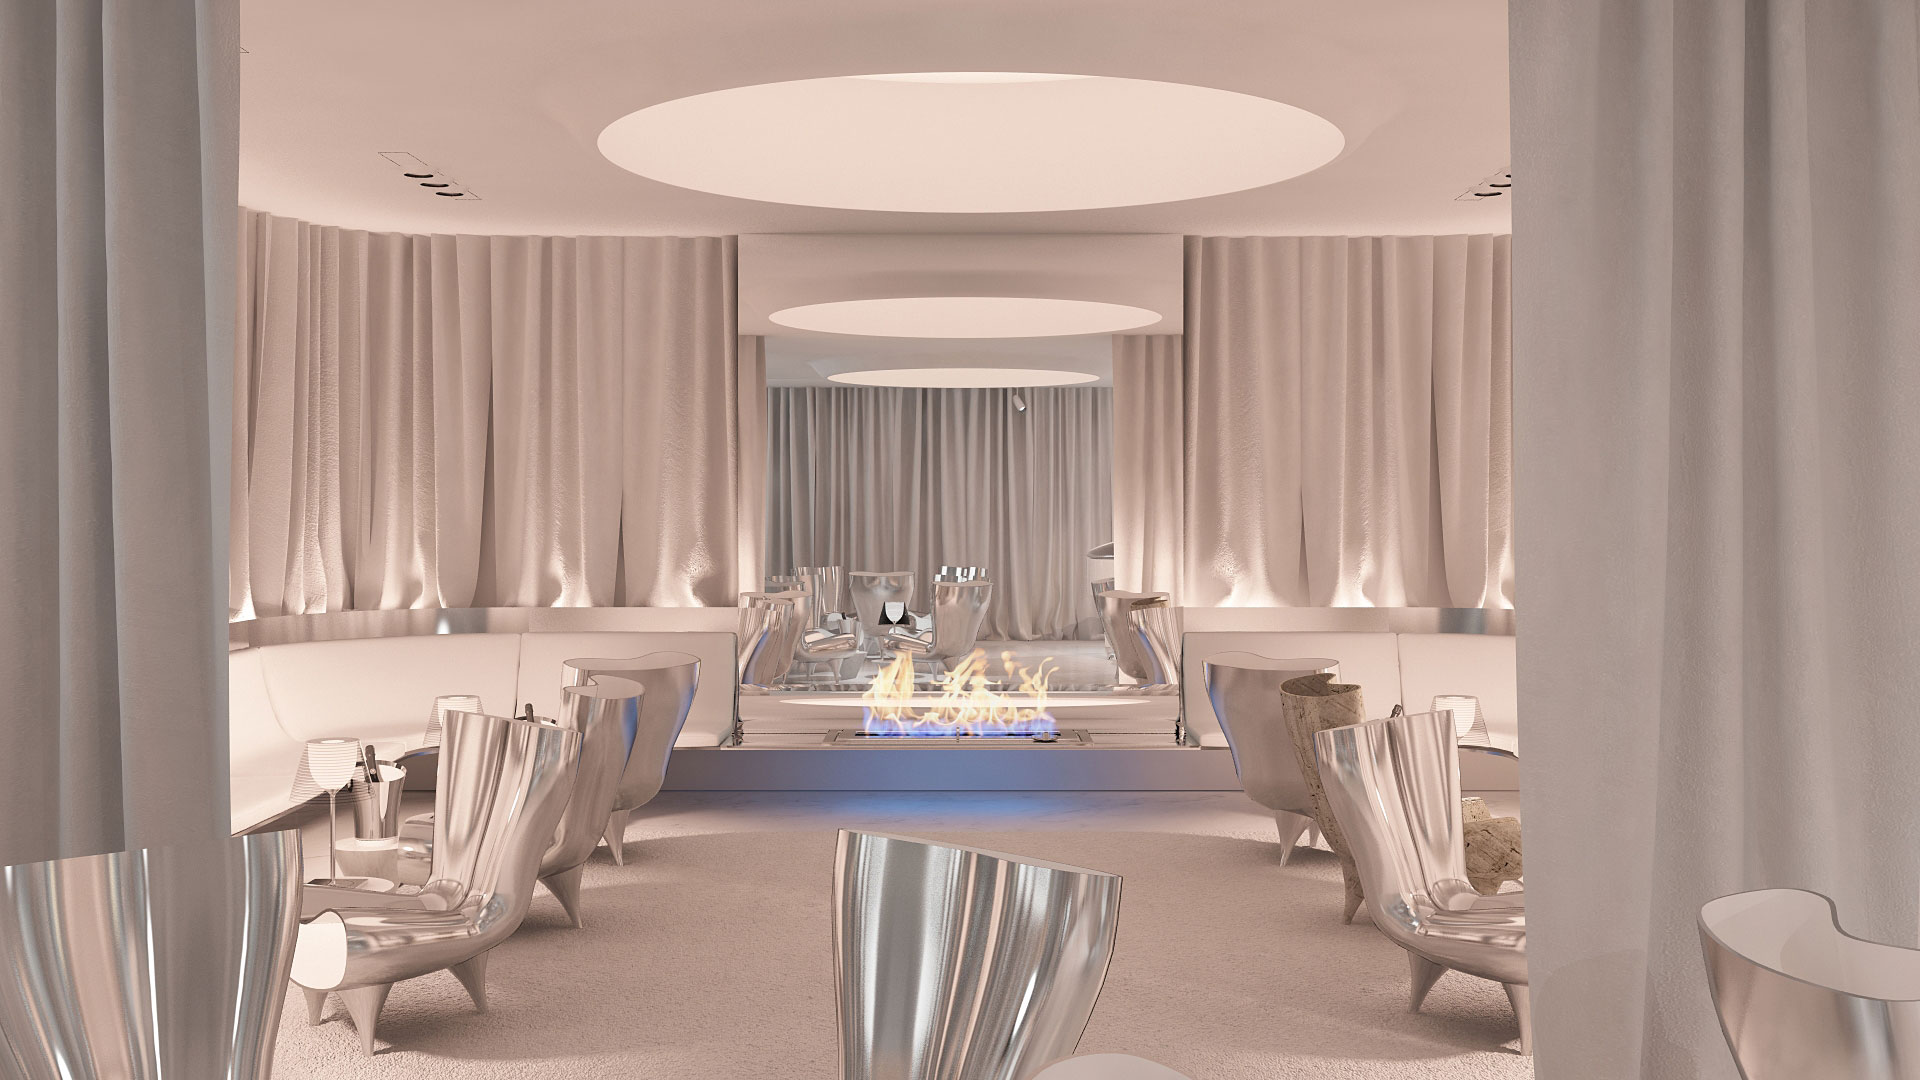 lounge le lirics, lounge, espace lounge design, lounge lyrique, fauteuil orgone marc newson, cheminee, bio ethanole